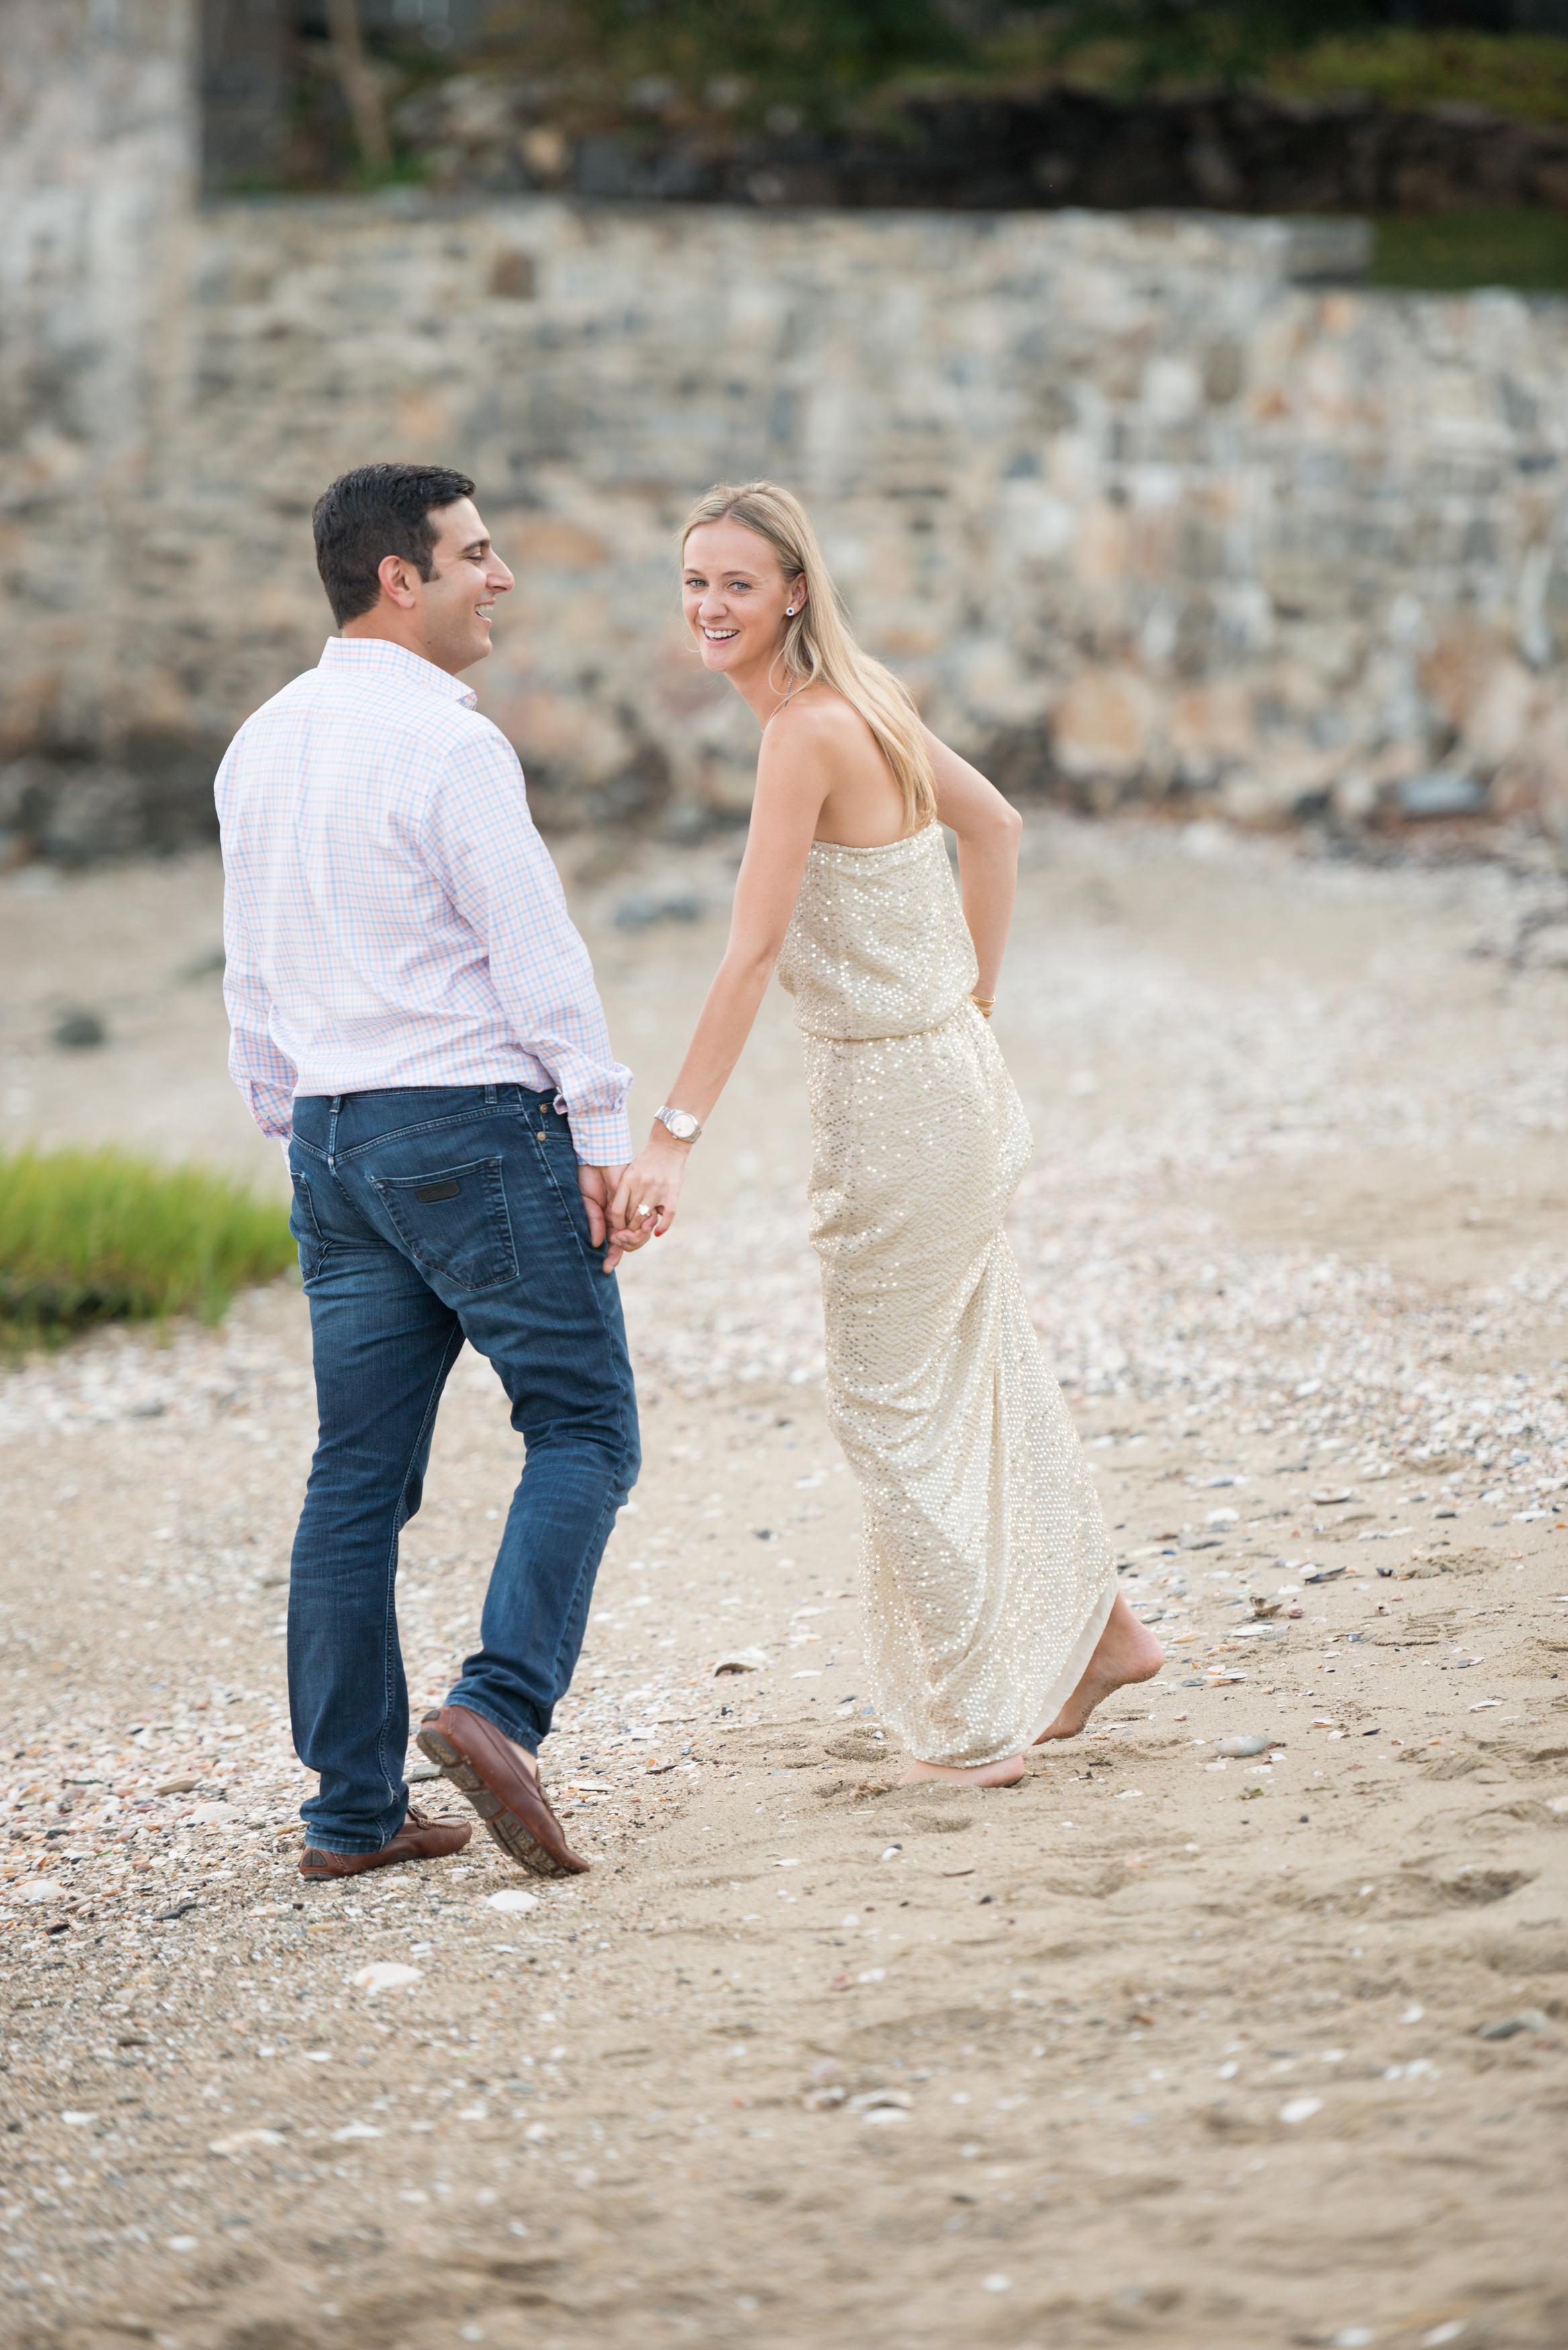 Proposal-Photos-091617-142.jpg